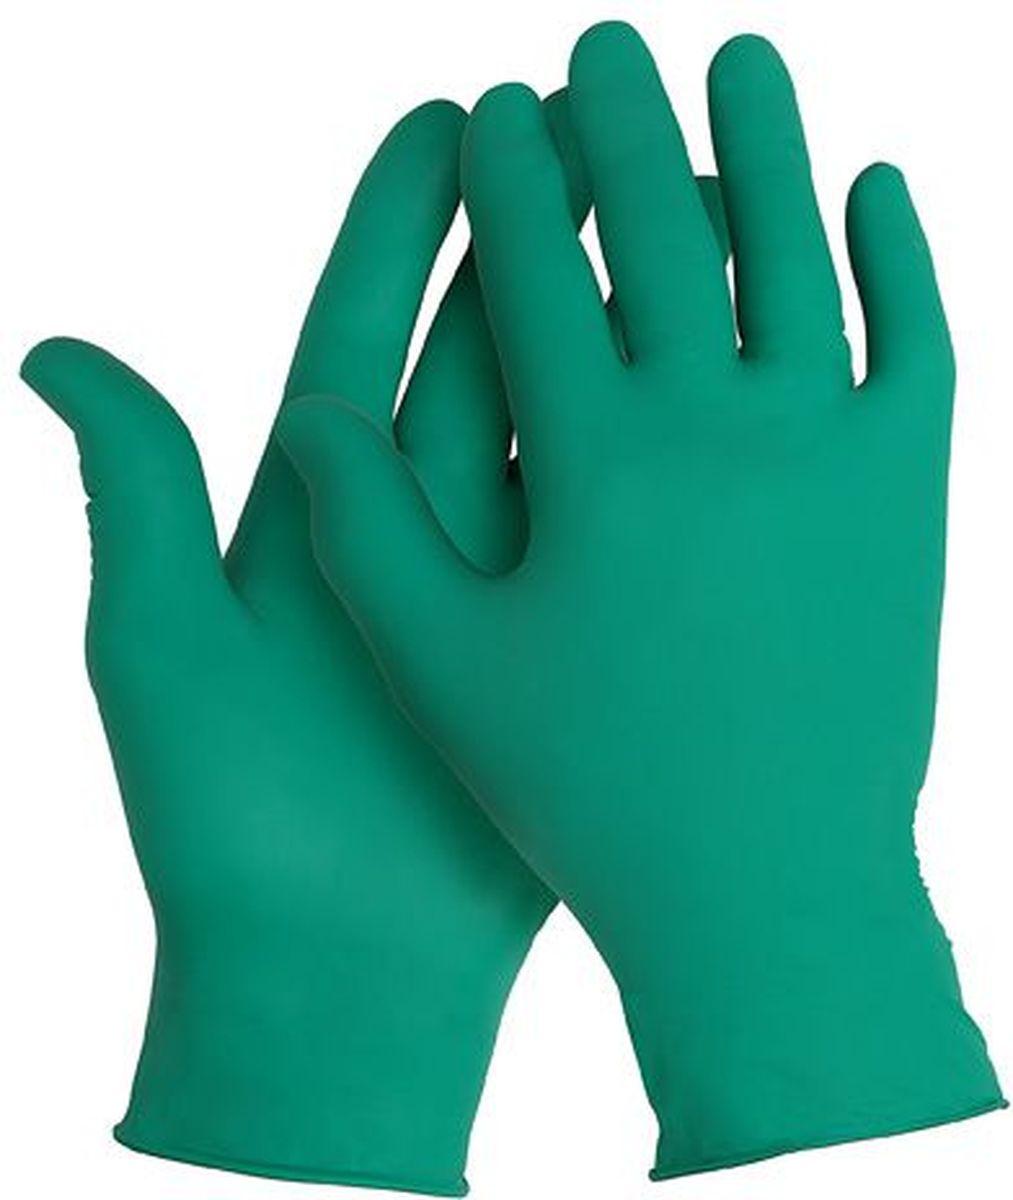 Перчатки хозяйственные Kleenguard G20, размер 8 (M), цвет: зеленый, 1250 штC0042416Ассортимент перчаток для защиты рук от химических веществ и механических воздействий – повышают безопасность работ и сокращают затраты. Идеальное решение, обеспечивающее защиту уровня СИЗ категории III (CE Complex) от брызг химических веществ в медицине, полиграфии, сельском хозяйстве, на участках сборки и окраски автомобилей, при выполнении аварийных работ, сборе мусора, химических разливов и утилизации отходов. Не содержат латекс и присыпок. Прочные и эргономичные перчатки с высокой тактильной чувствительностью. Могут быть использованы в пищевой промышленности или HoReCa.Формат поставки: сверхтонкие перчатки с универсальным дизайном для обеих рук; не содержат присыпку и латекс; усиленная манжета для дополнительной прочности, рельефная поверхность пальцев для лучшего захвата; широкий ассортимент размеров – от XS до XL – обеспечивает комфортное ношение.Размеры:90090 - XS (6)90091 - S (7)90092 - M (8)90093 - L (9)